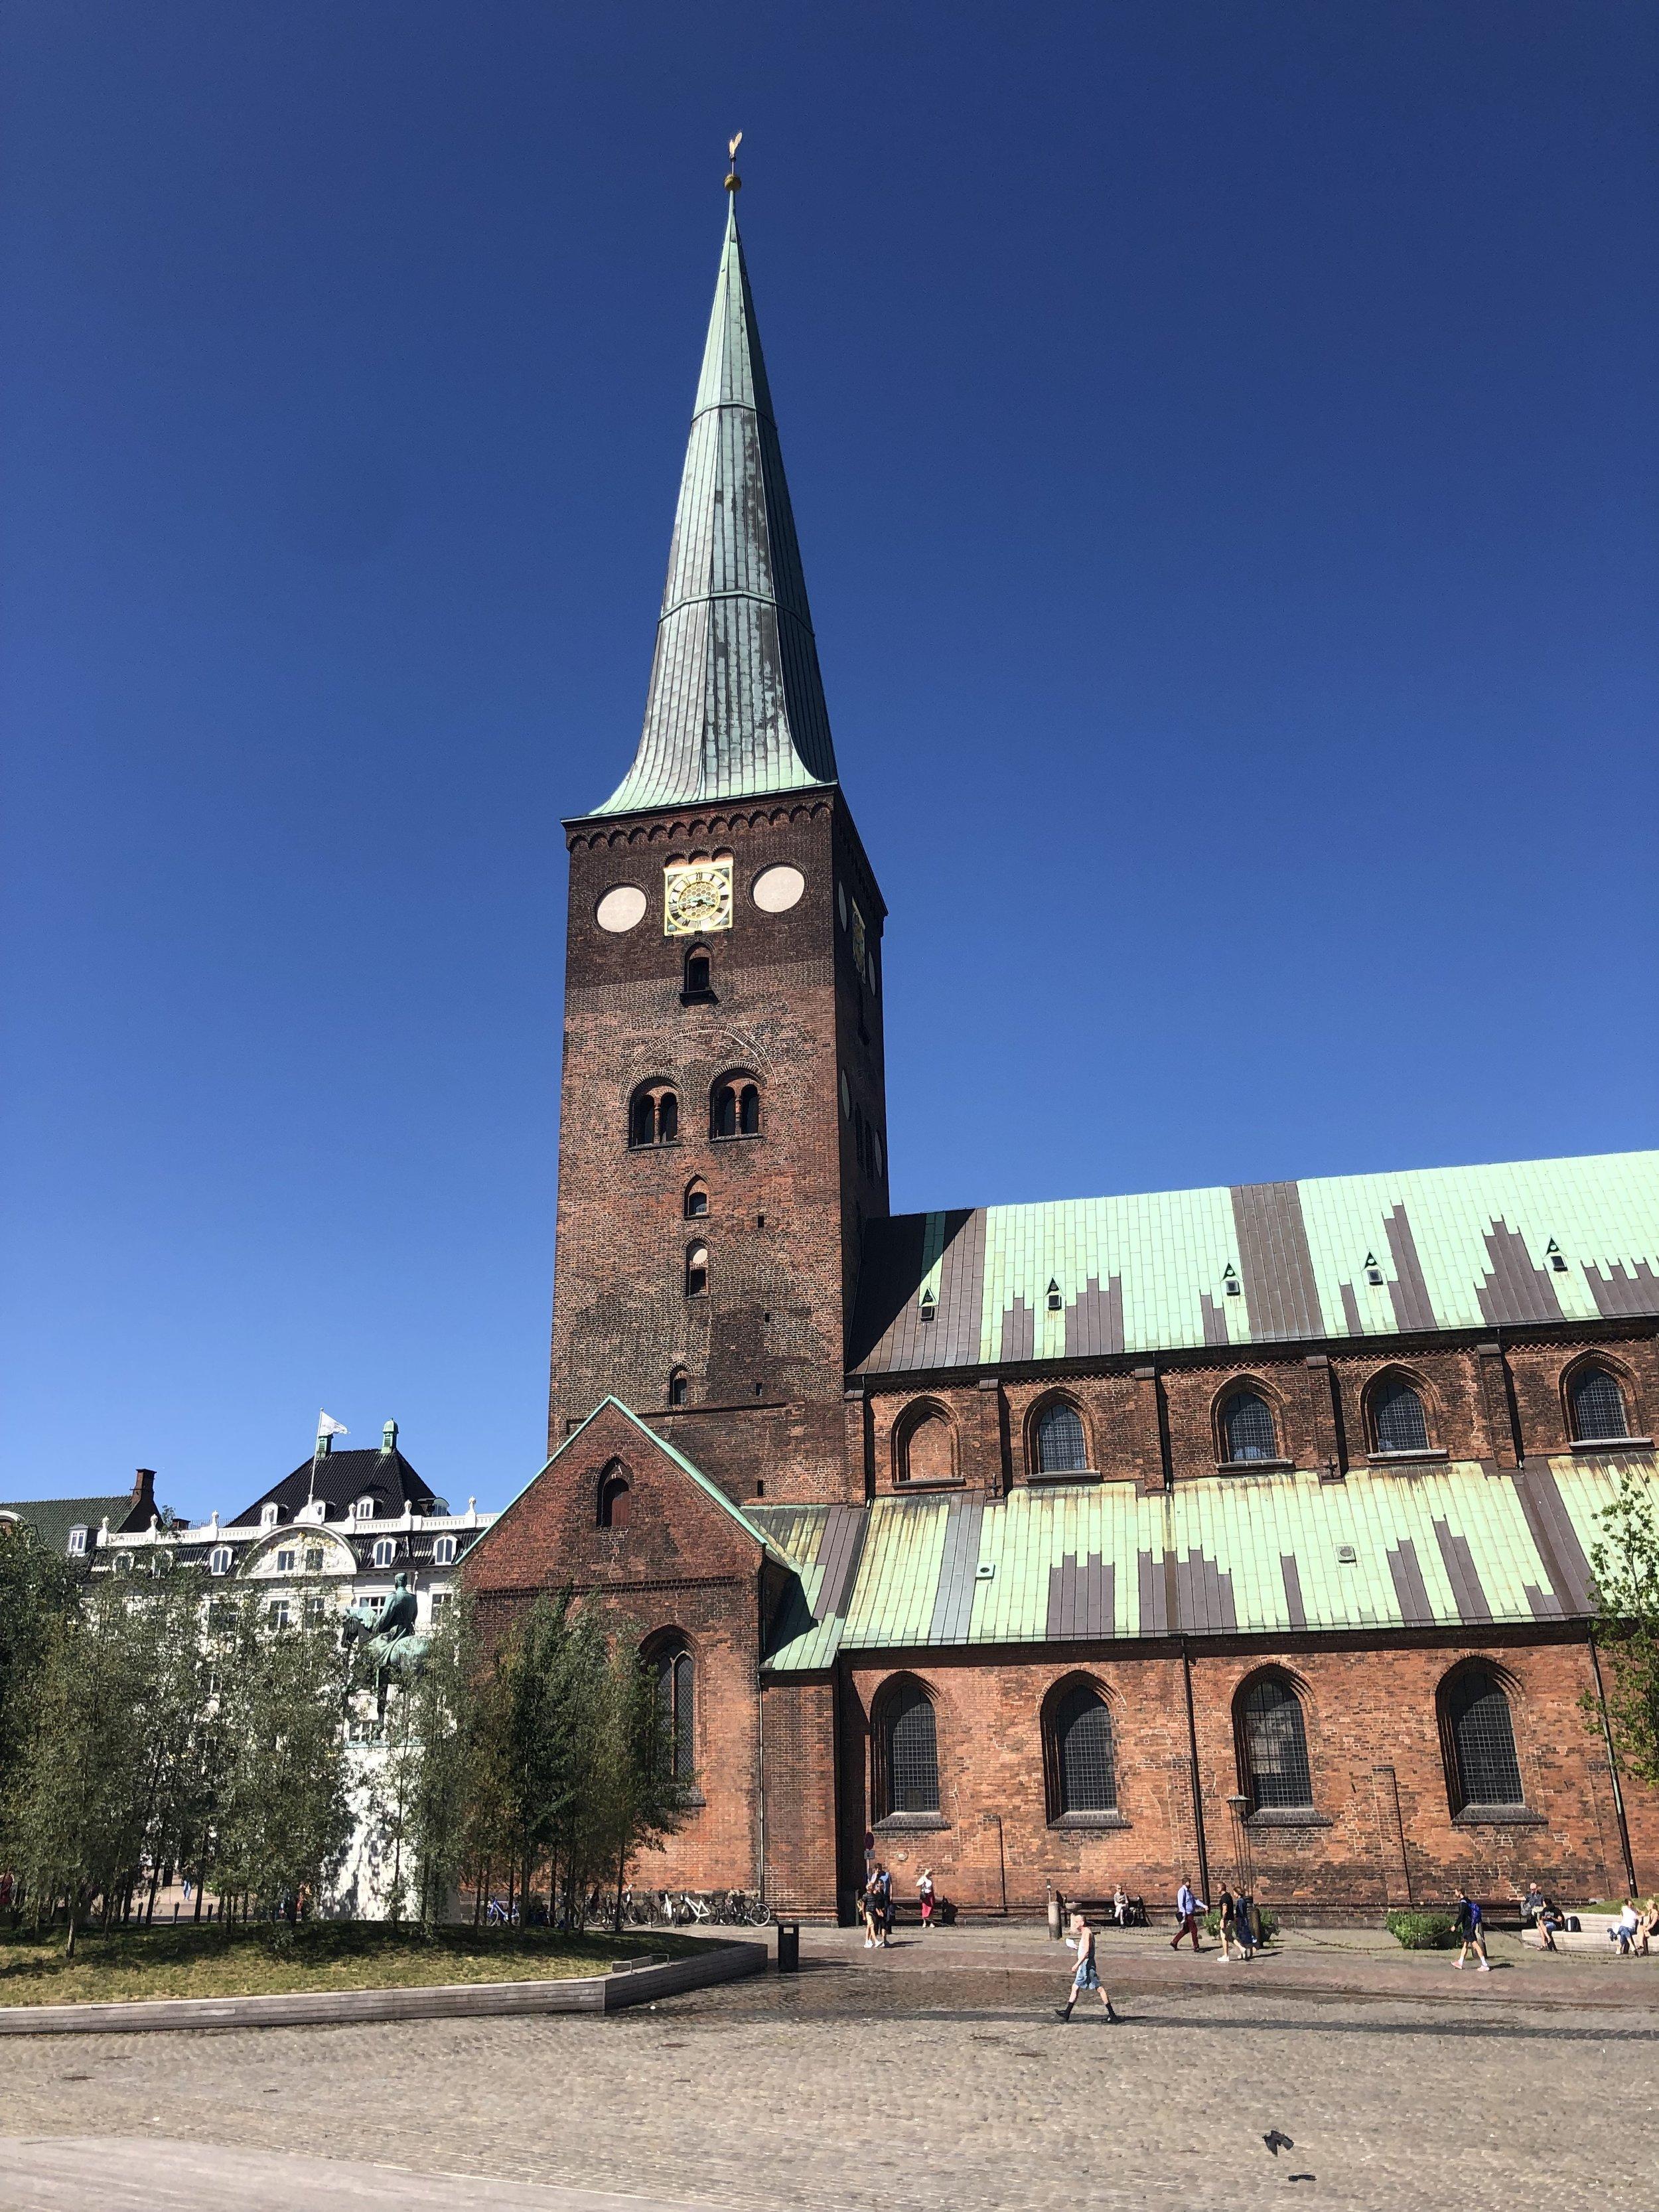 After Copenhagen we headed to Aarhus, Denmark. Huge old church in the central plaza in Aarhus.